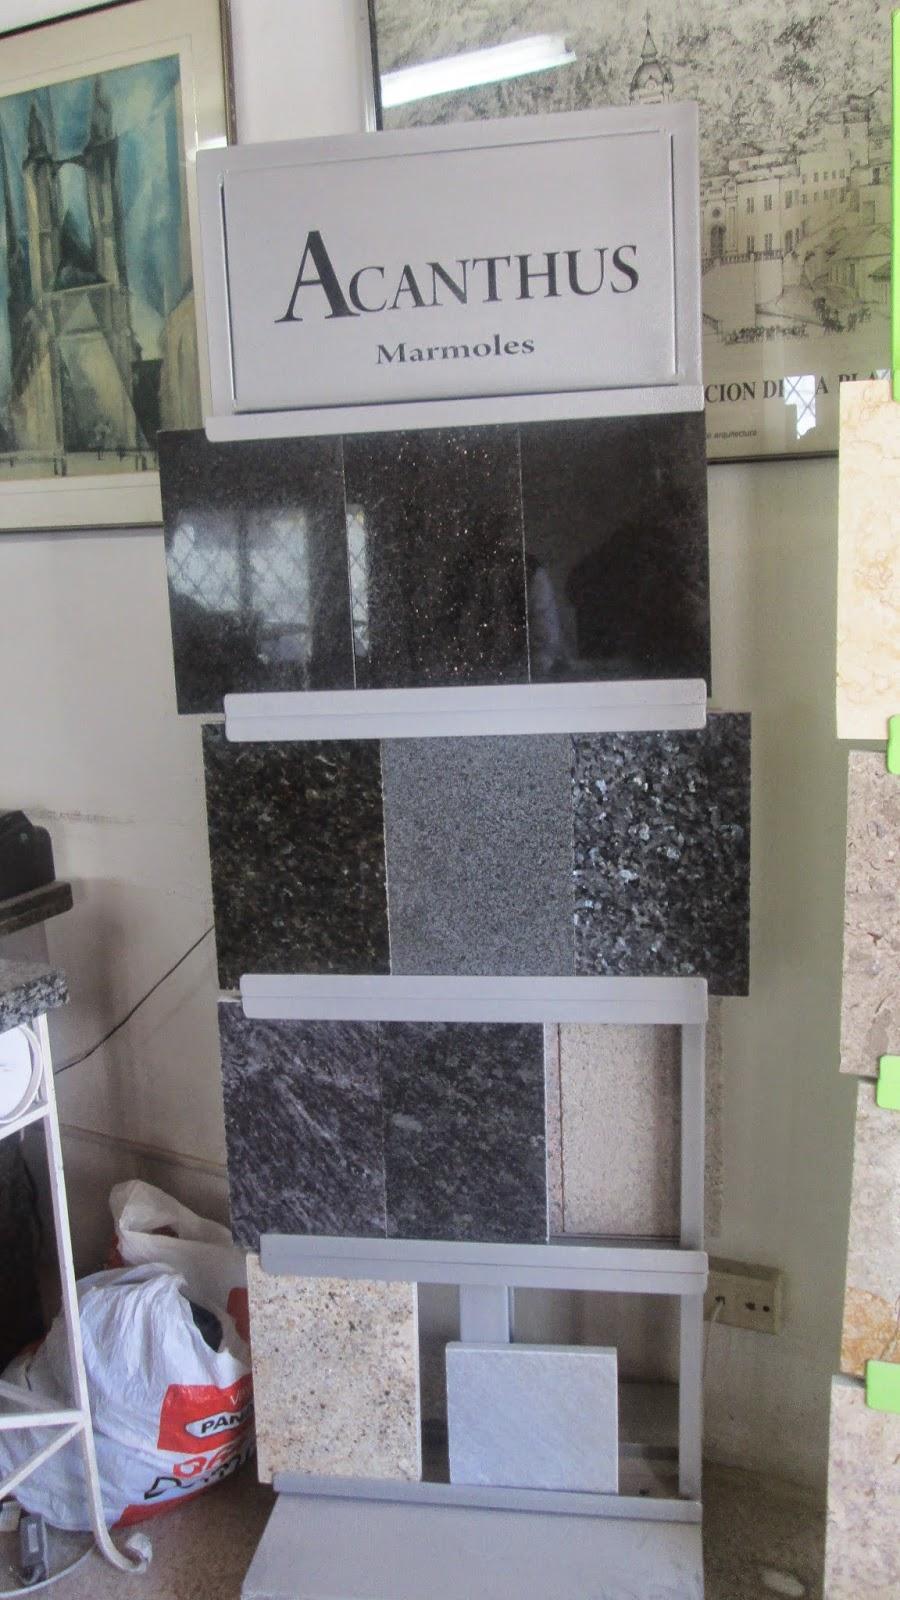 Empresa acanthus s a s m rmoles y granitos actividad for Marmoles y granitos naturales